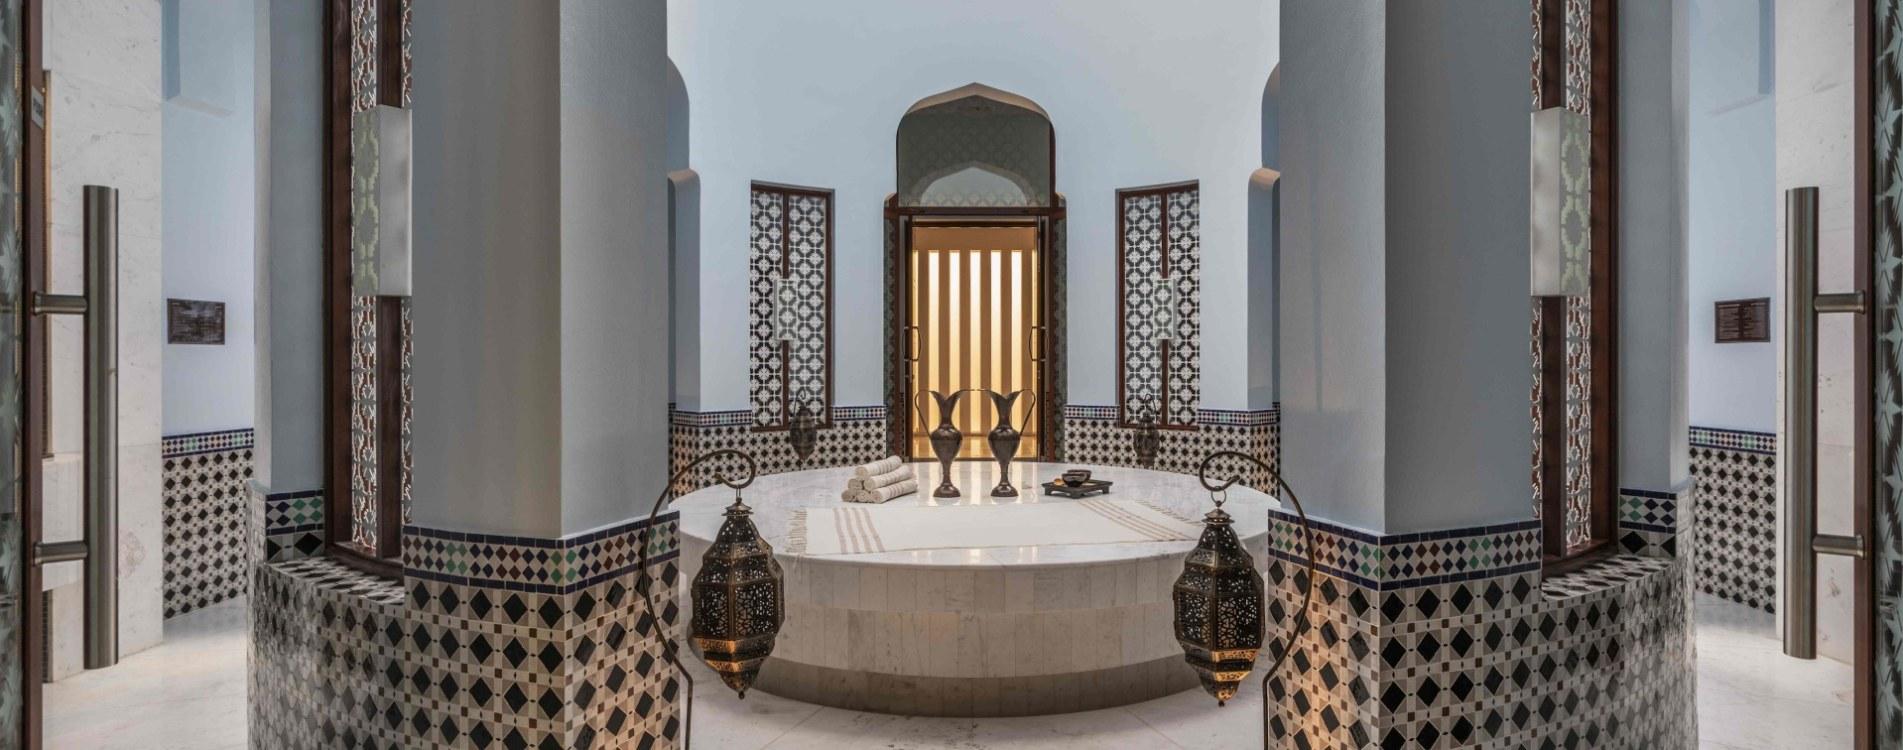 Al-Baleed-Resort-Salalah-By-Anantara-SPA-marokkanischer-Hammam-Oman.jpg